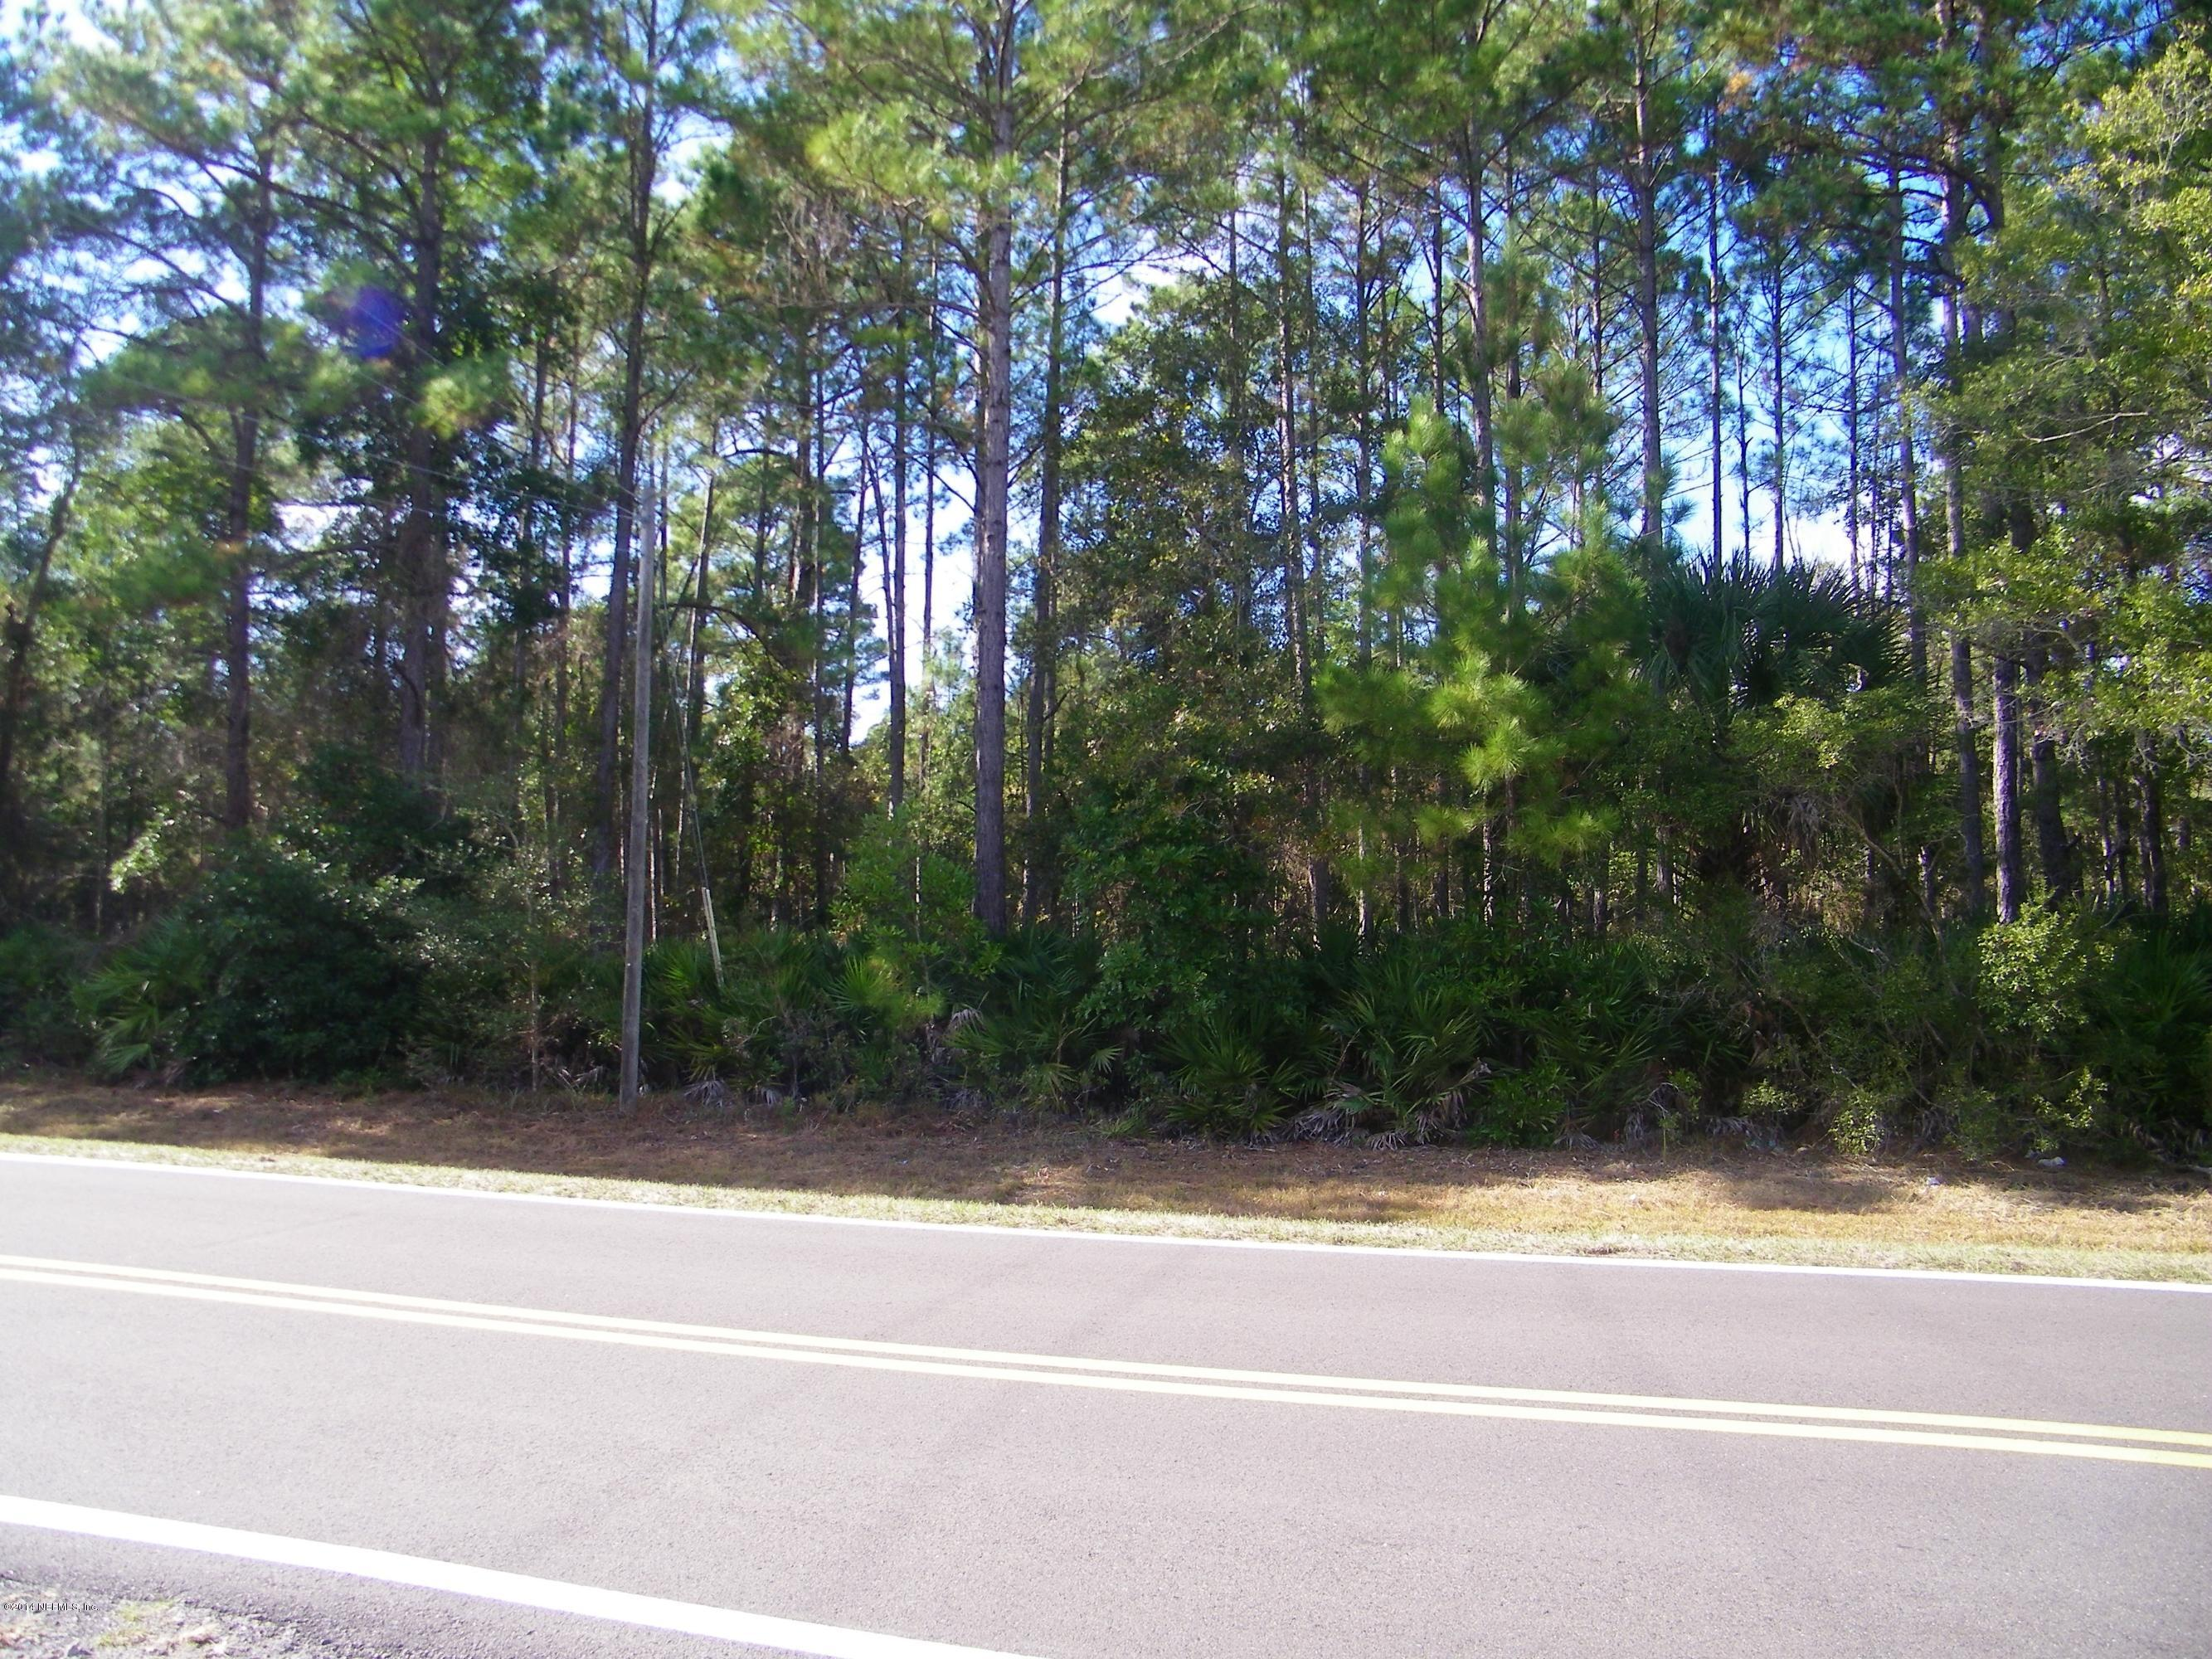 0 BLACKROCK, YULEE, FLORIDA 32097, ,Vacant land,For sale,BLACKROCK,749039